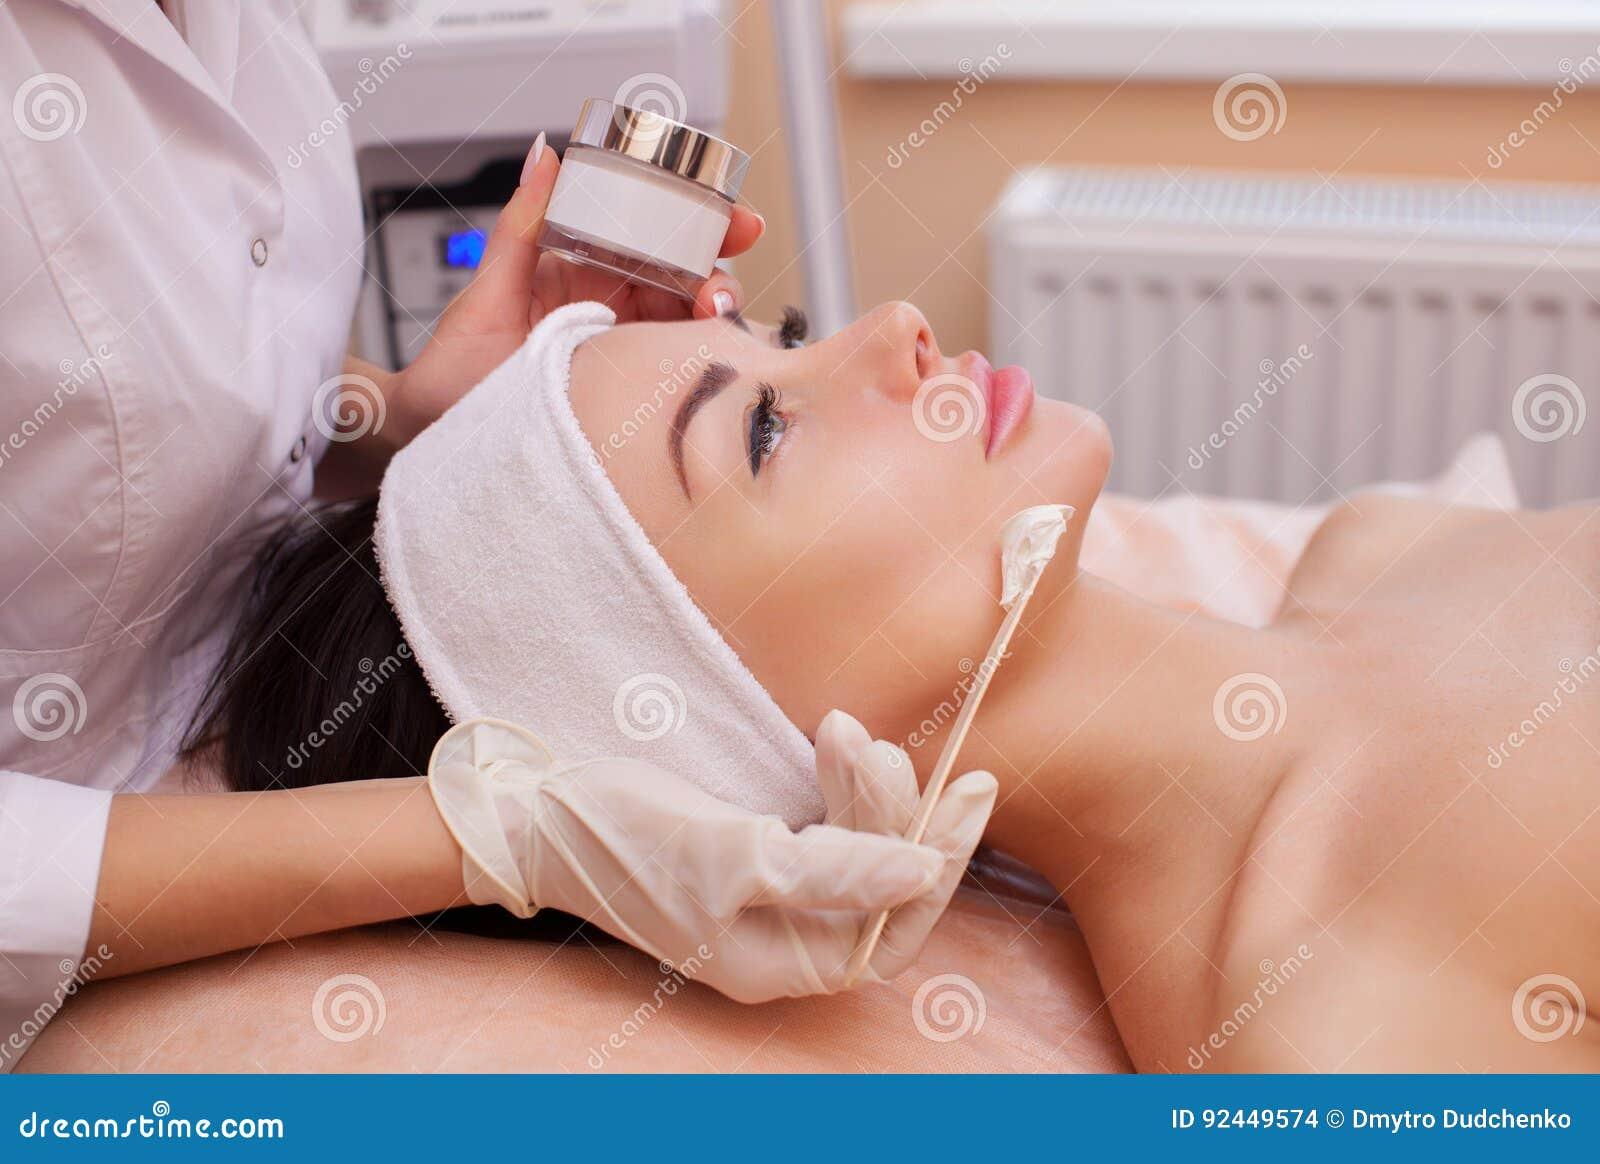 El doctor es un cosmetologist para el procedimiento de limpiar y de hidratar la piel, aplicando una máscara